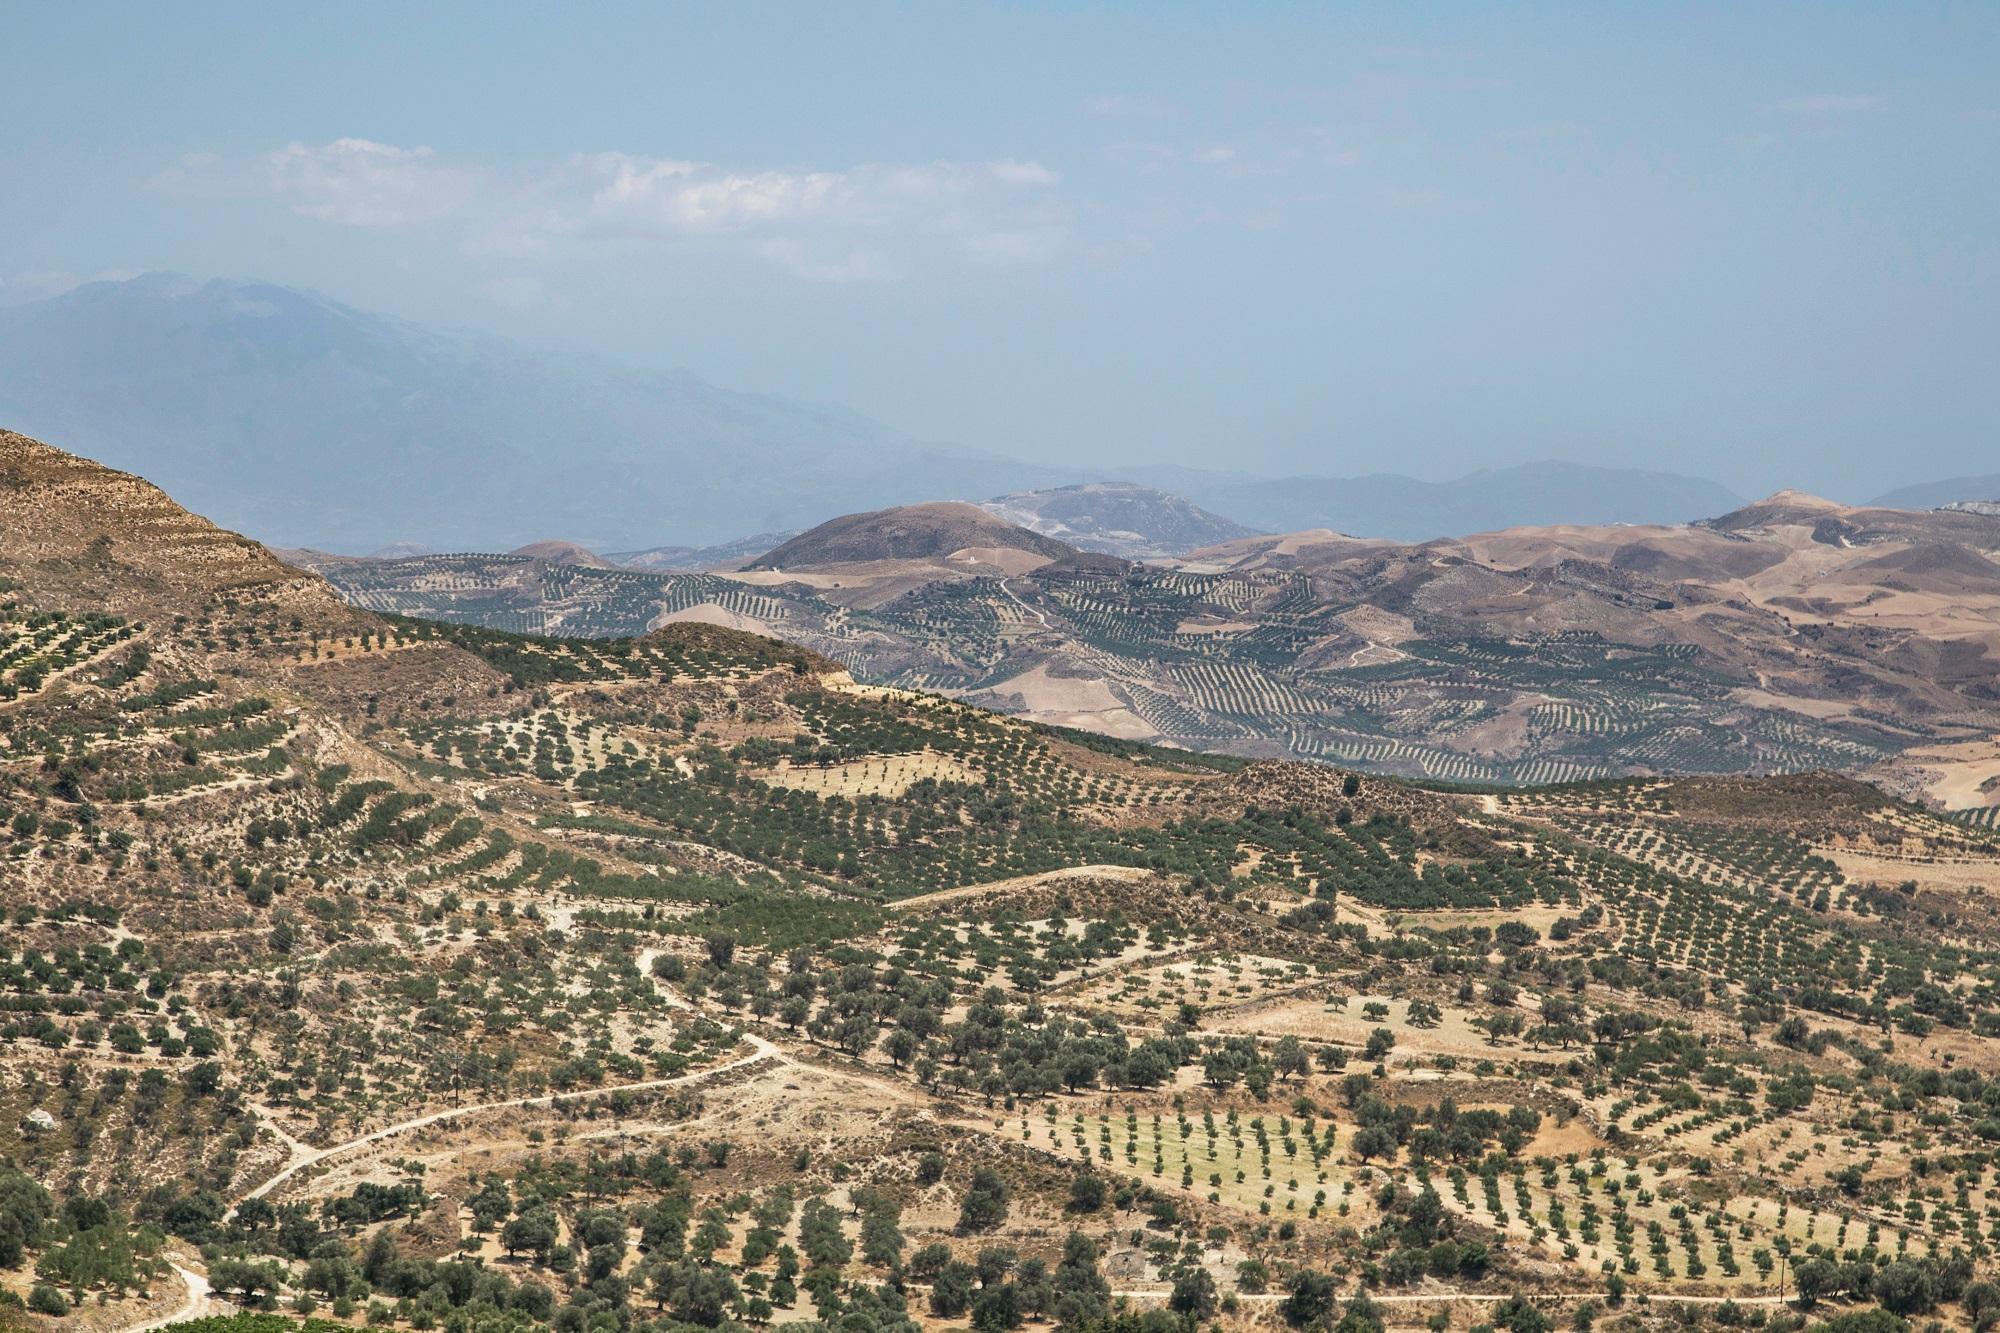 Türkiye'de Hangi Bölgelerde Zeytinyağı Üretiliyor?